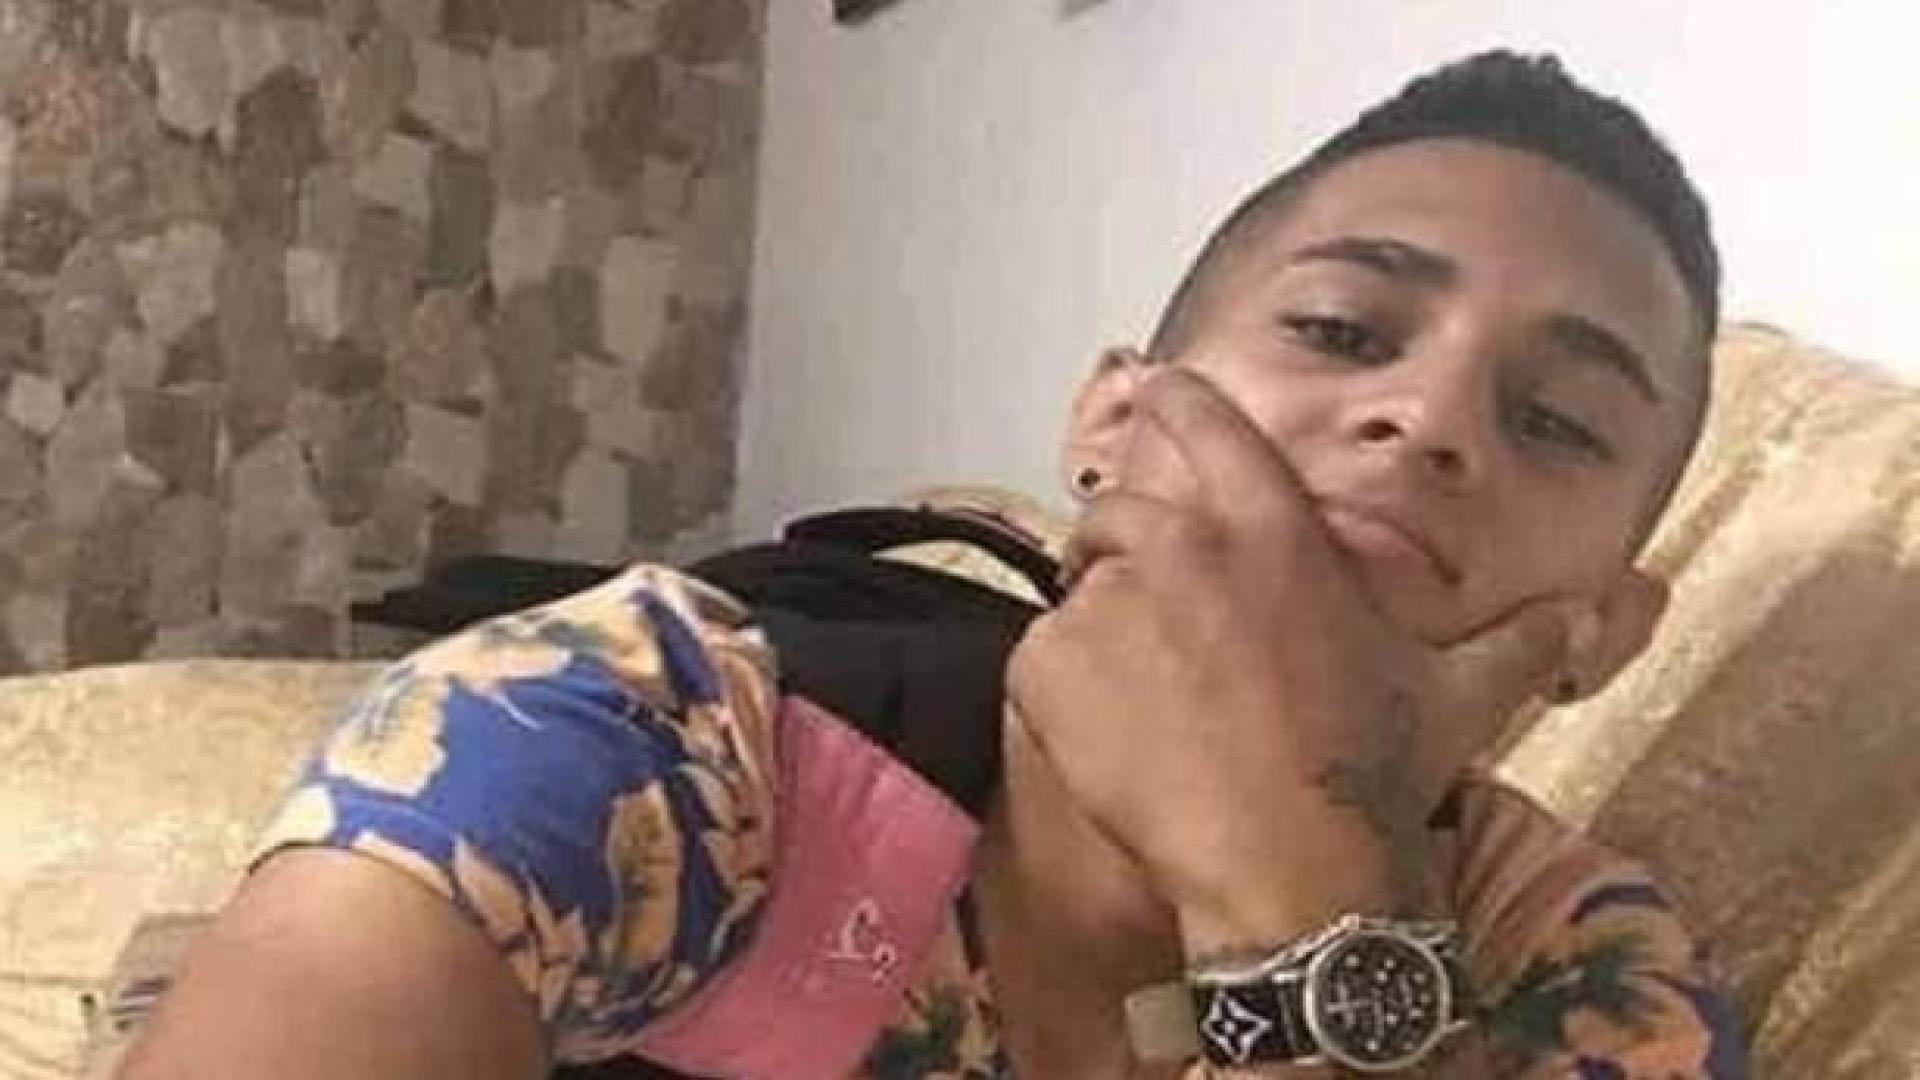 #MonitorDeVíctimas | Asesinaron a joven que comenzaba a trabajar como mototaxista